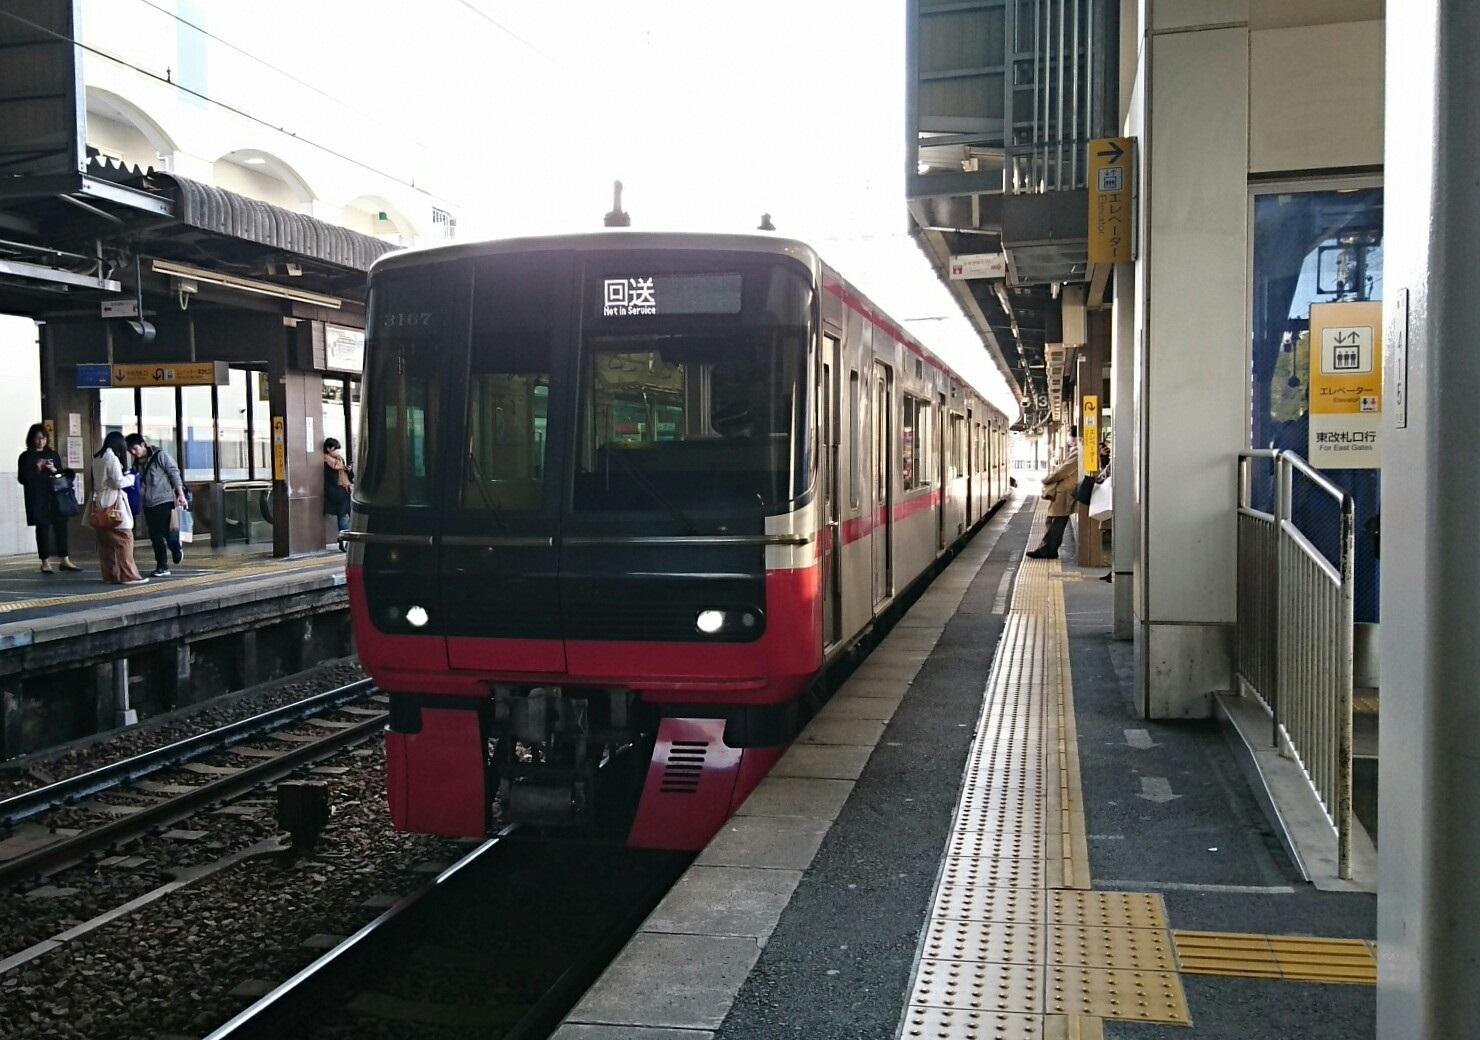 2018.3.4 (14) 東岡崎 - 回送 1480-1040